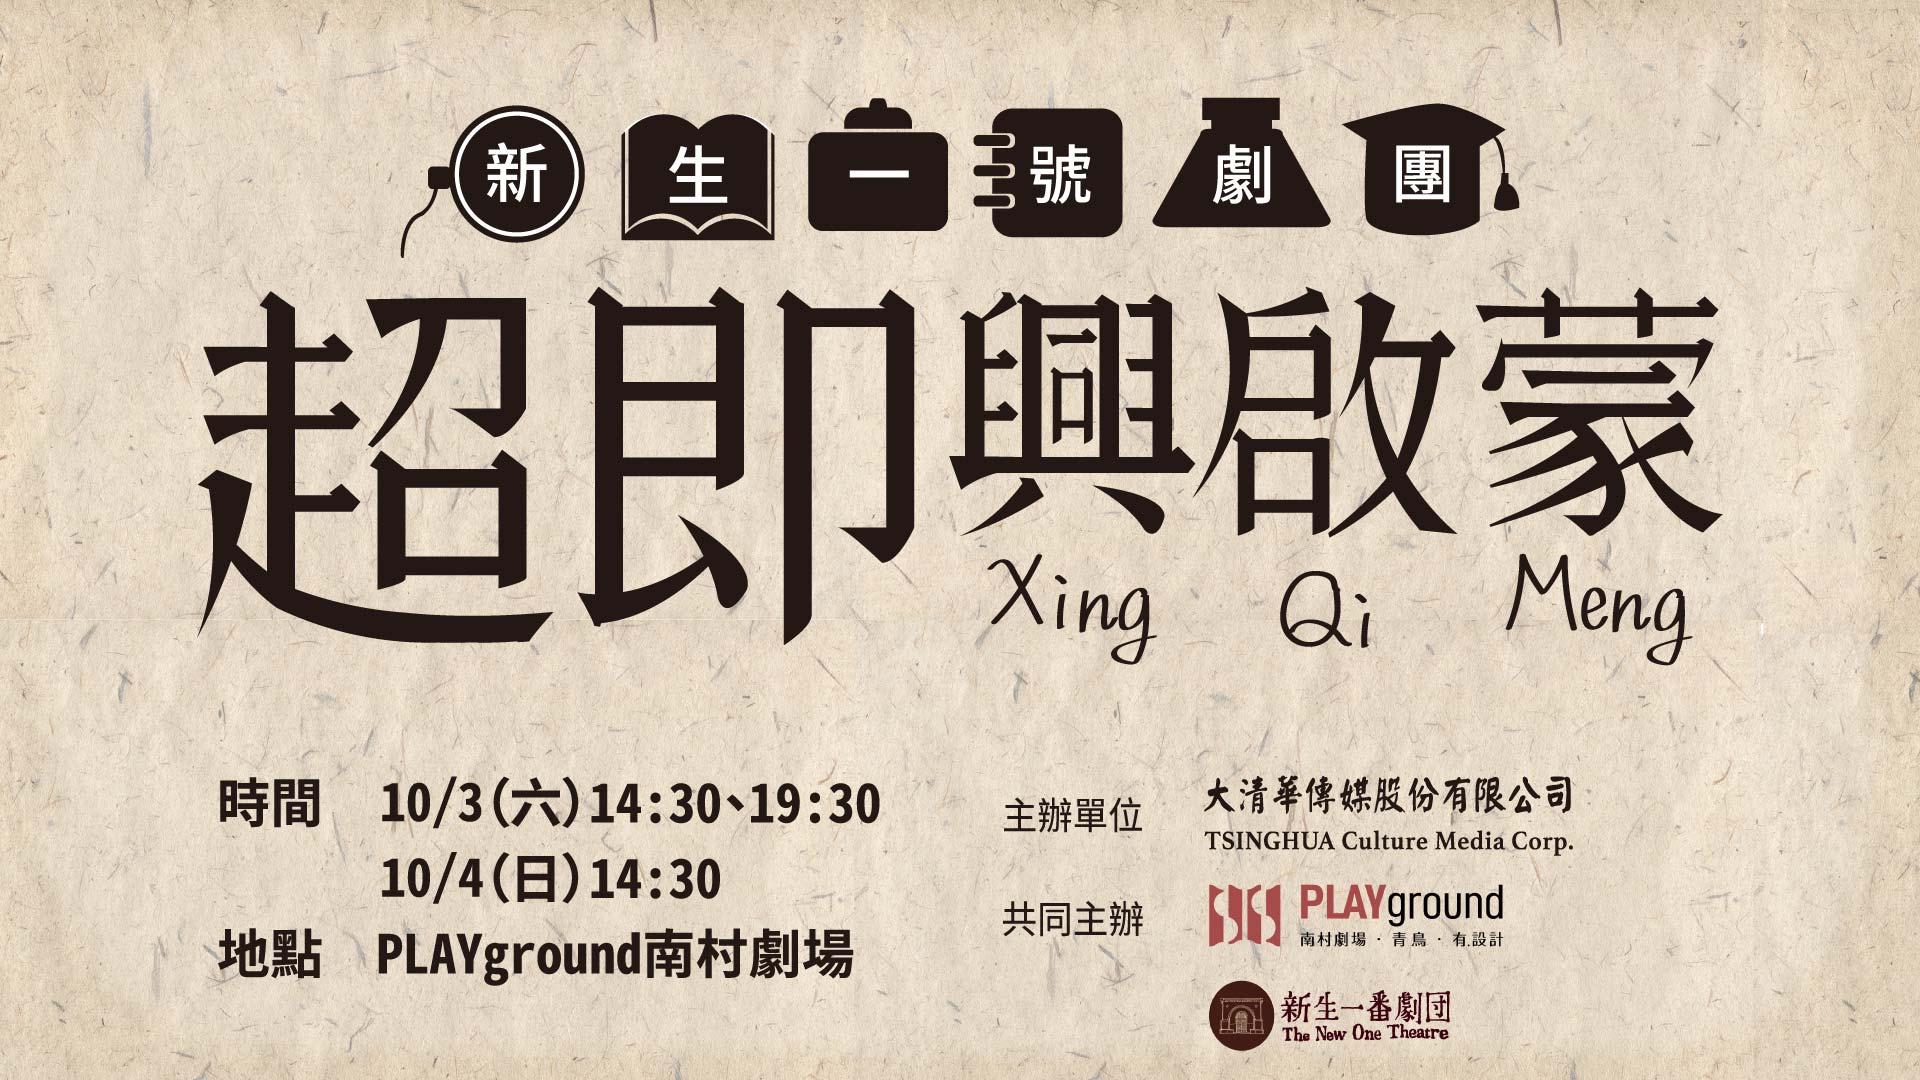 (延期)【2020 PLAYground 南村劇場 第1季系列】新生一號劇團《超即興啟蒙》